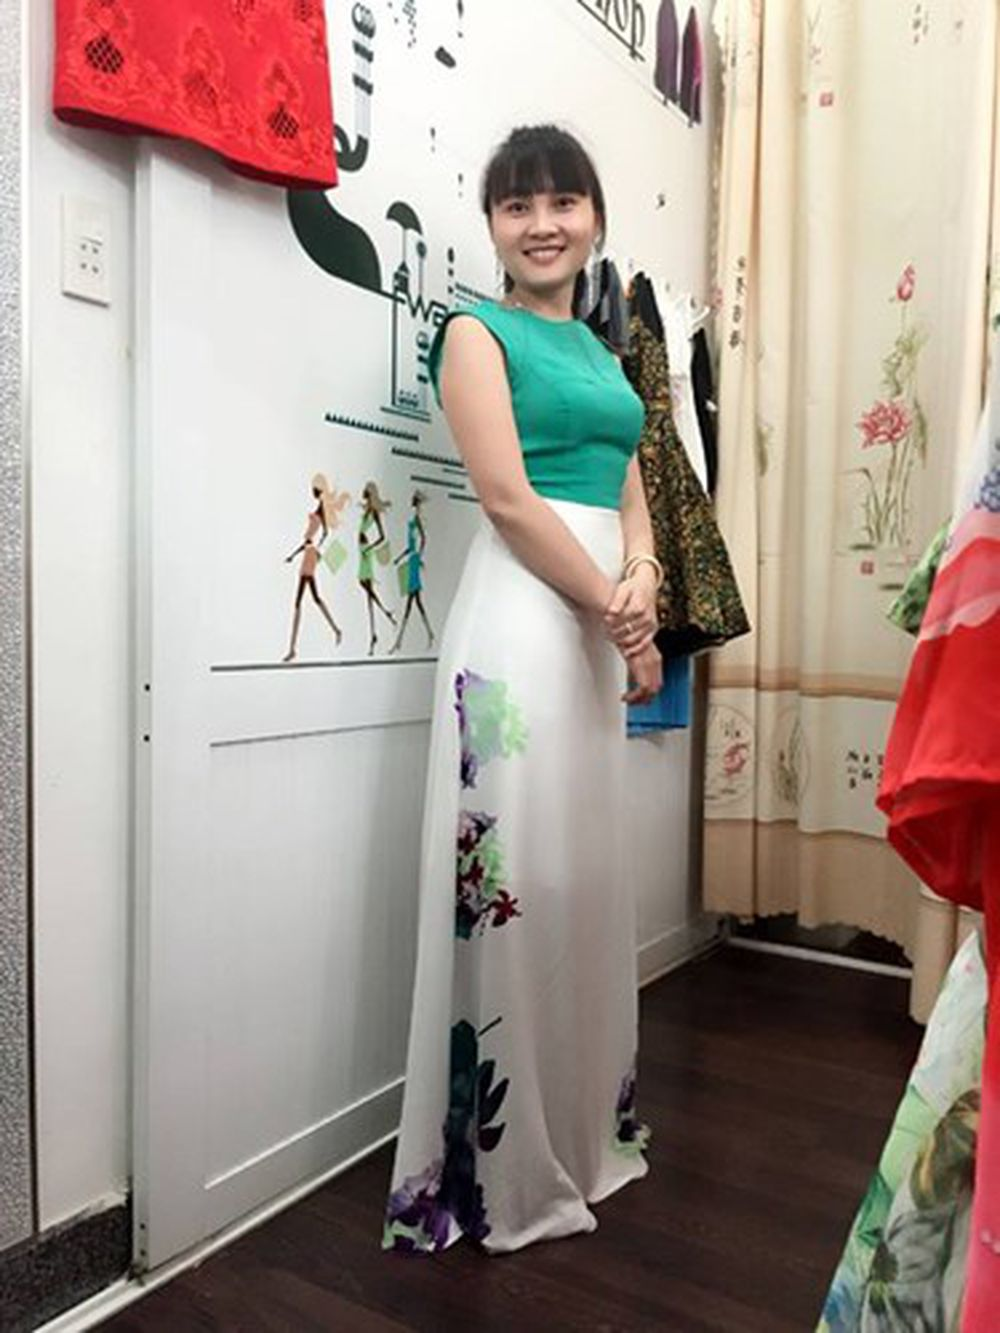 ... là một bà mẹ 2 con, thuộc lớp U36. Không chỉ xinh đẹp mà chị Thu Hà còn  rất duyên dáng khiến không ít cô gái trẻ tuổi hơn phải ghen tị.